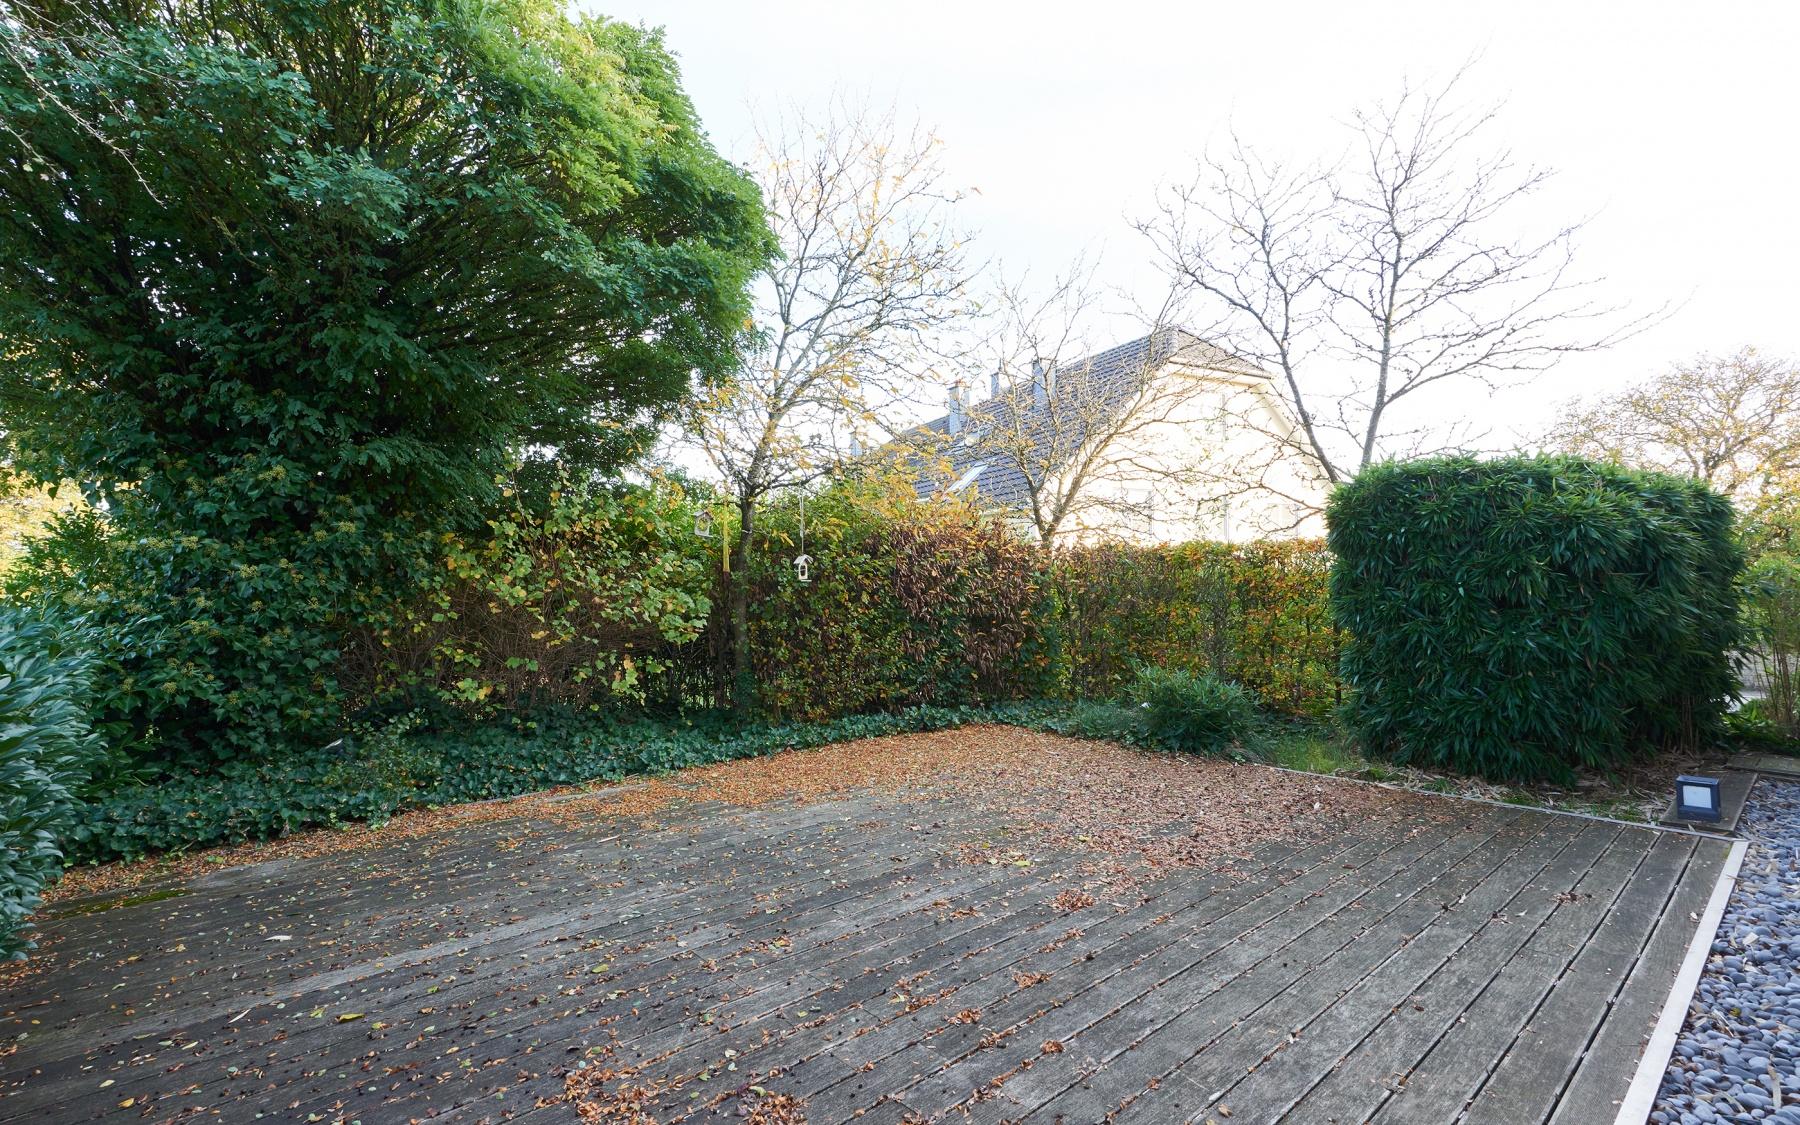 Villa de style Bauhaus à Nospelt